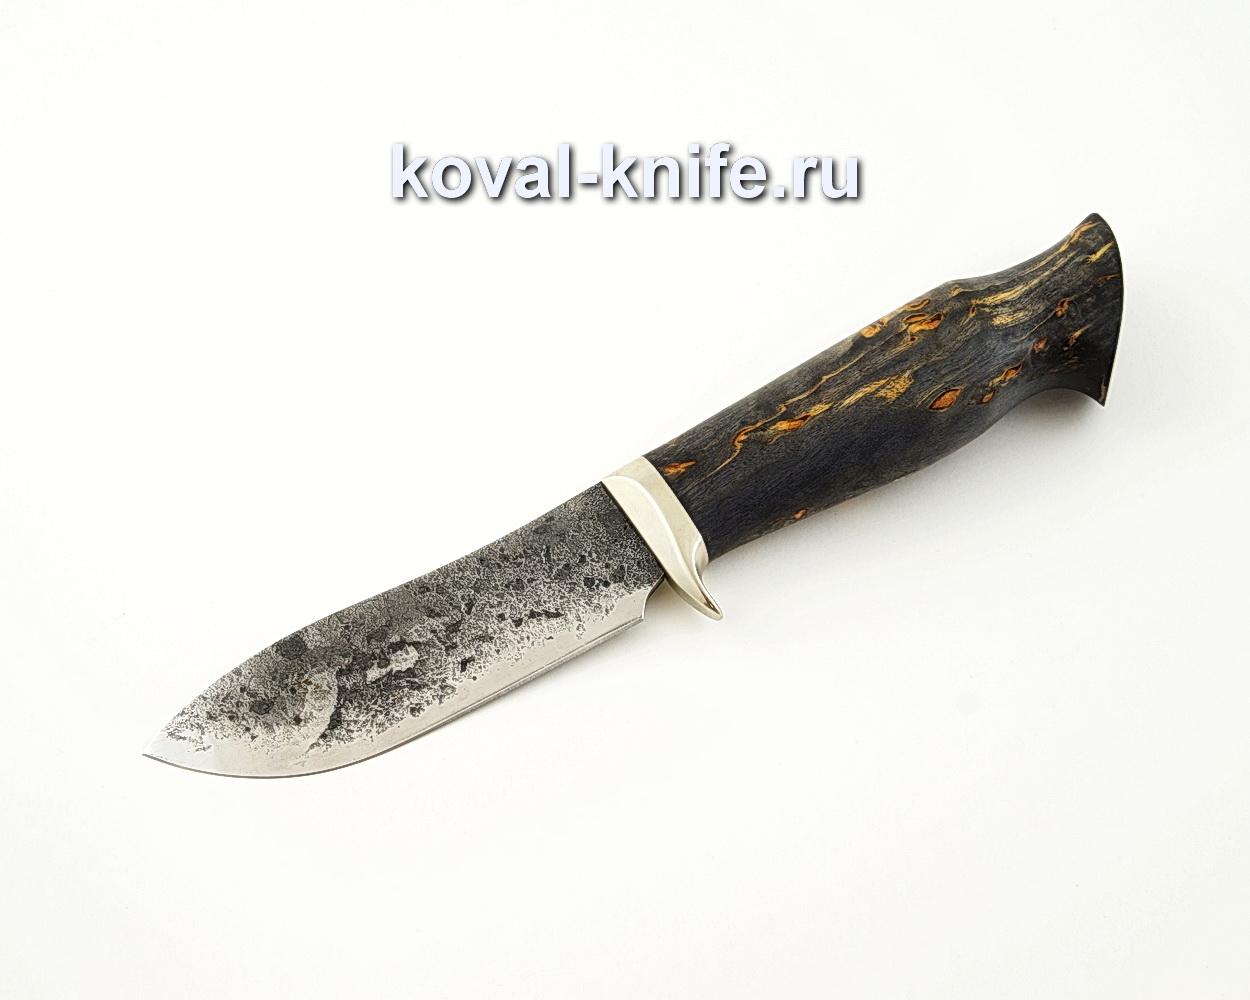 Нож Кабан из кованой стали 9ХС с рукоятью из стабилизированной карельской березы, гарда мельхиор A533